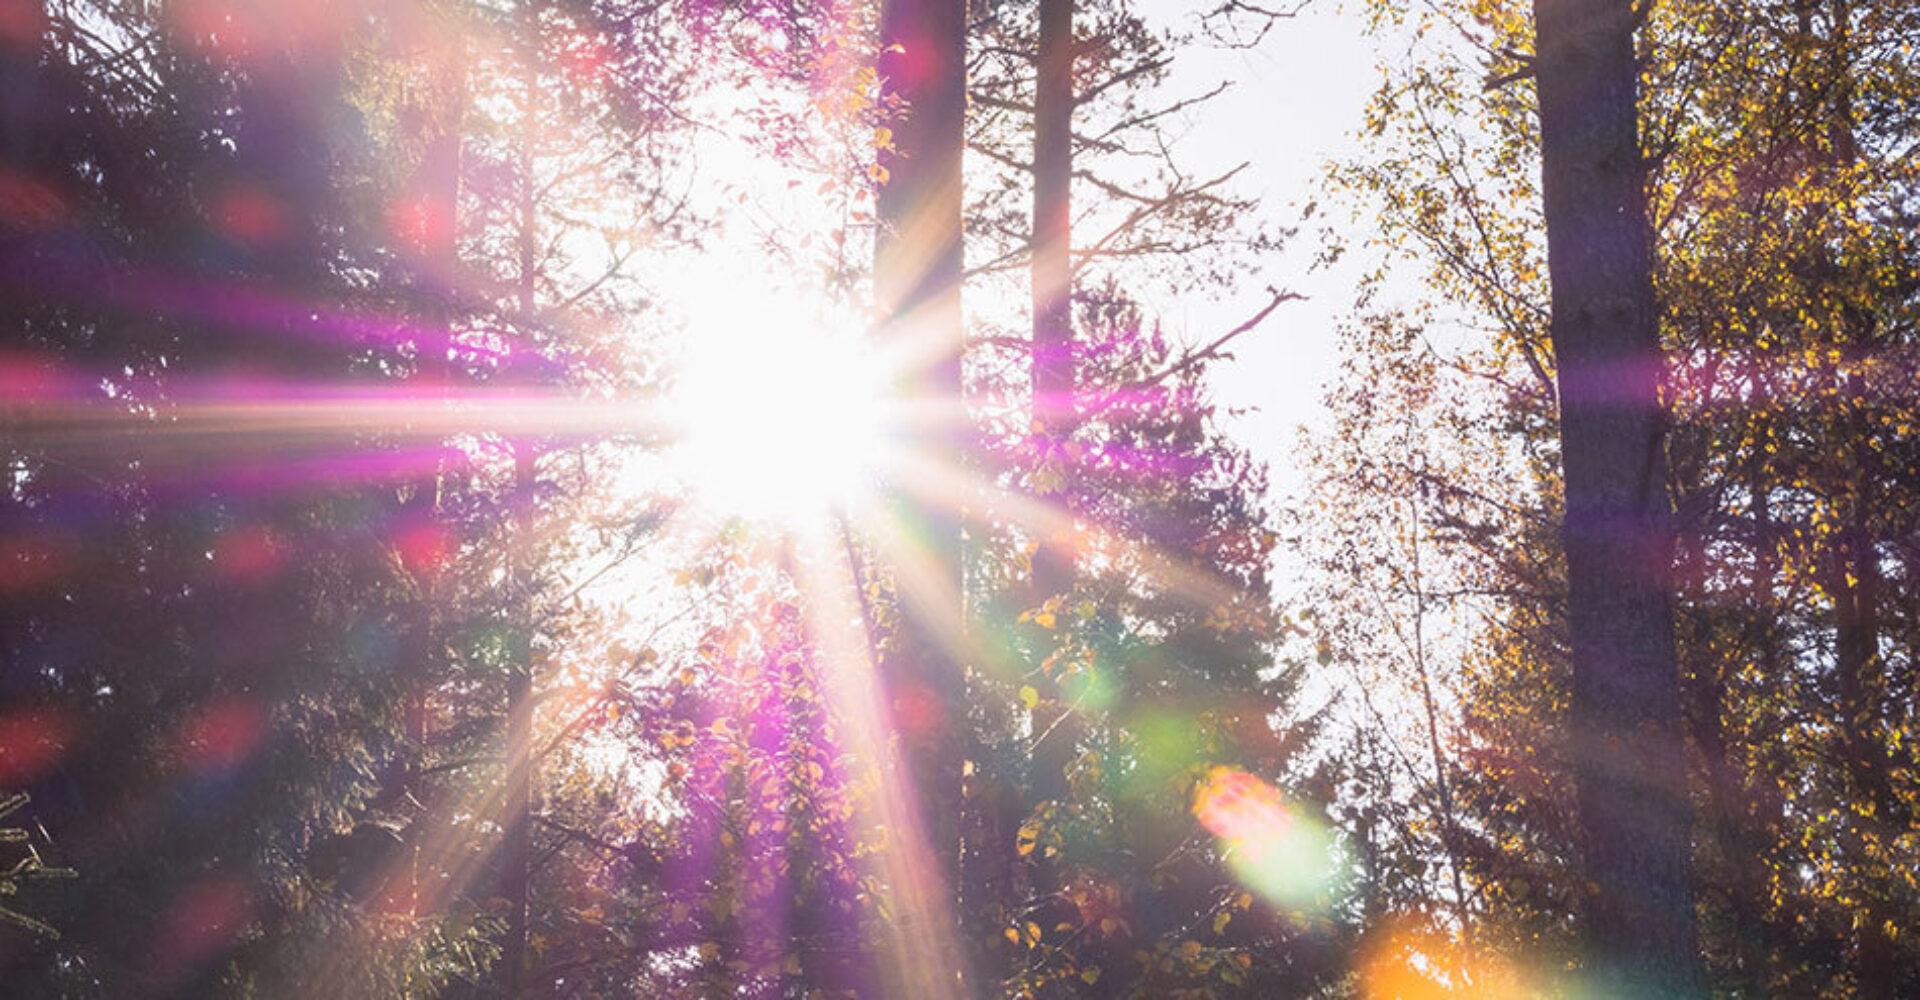 Imbolc (2 februari): de zonnekracht neemt toe, de lente ontplooit zich stilaan